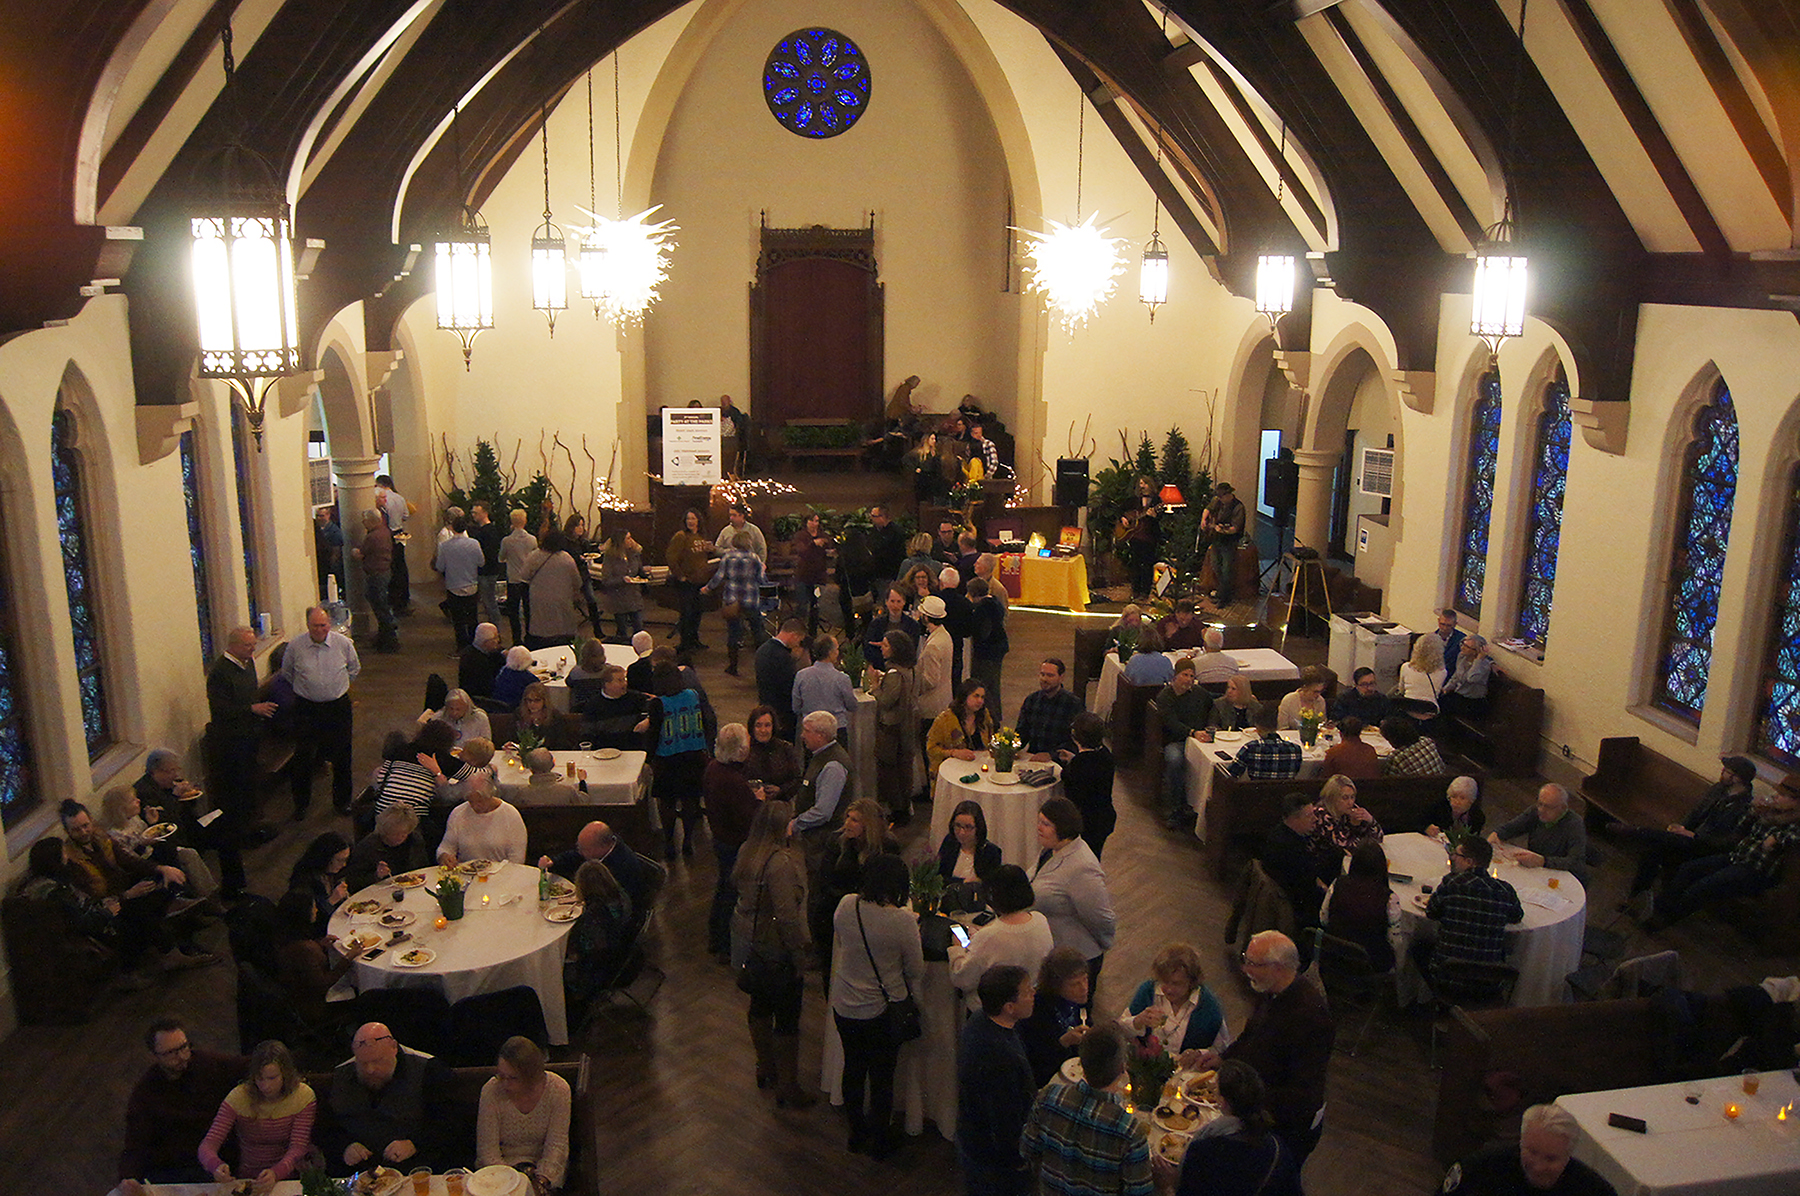 Sanctuary crowd lr.jpg